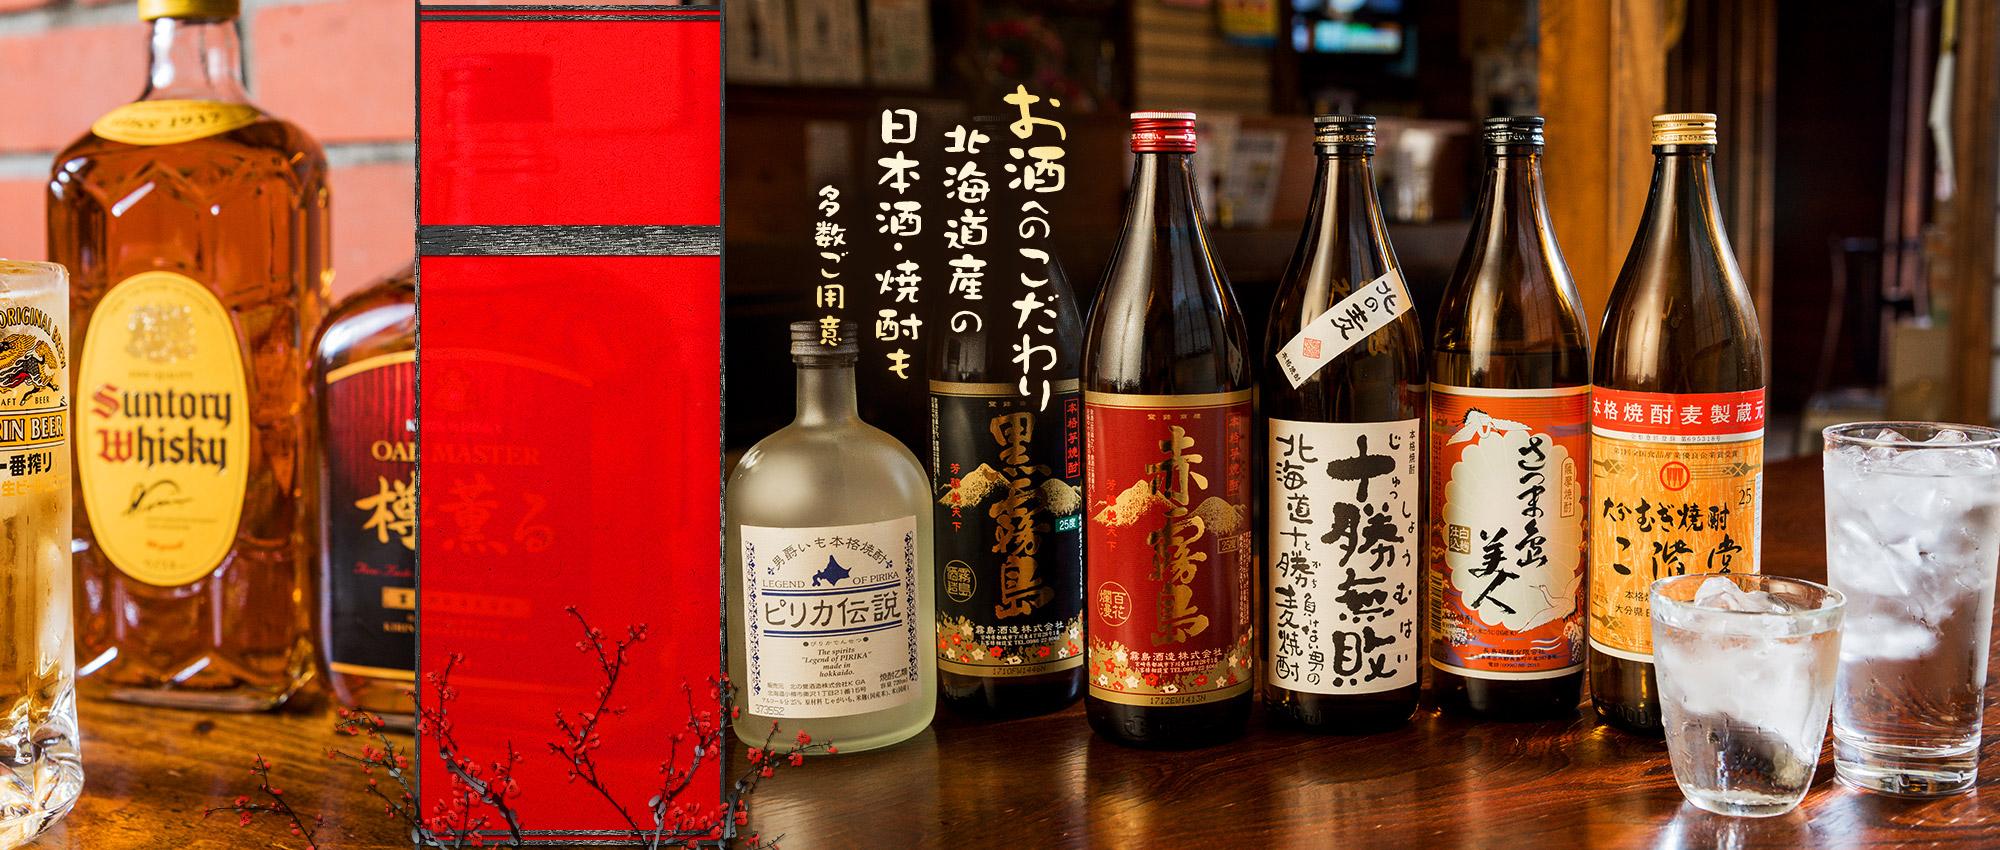 お酒へのこだわり 北海道産の日本酒・焼酎も多数ご用意